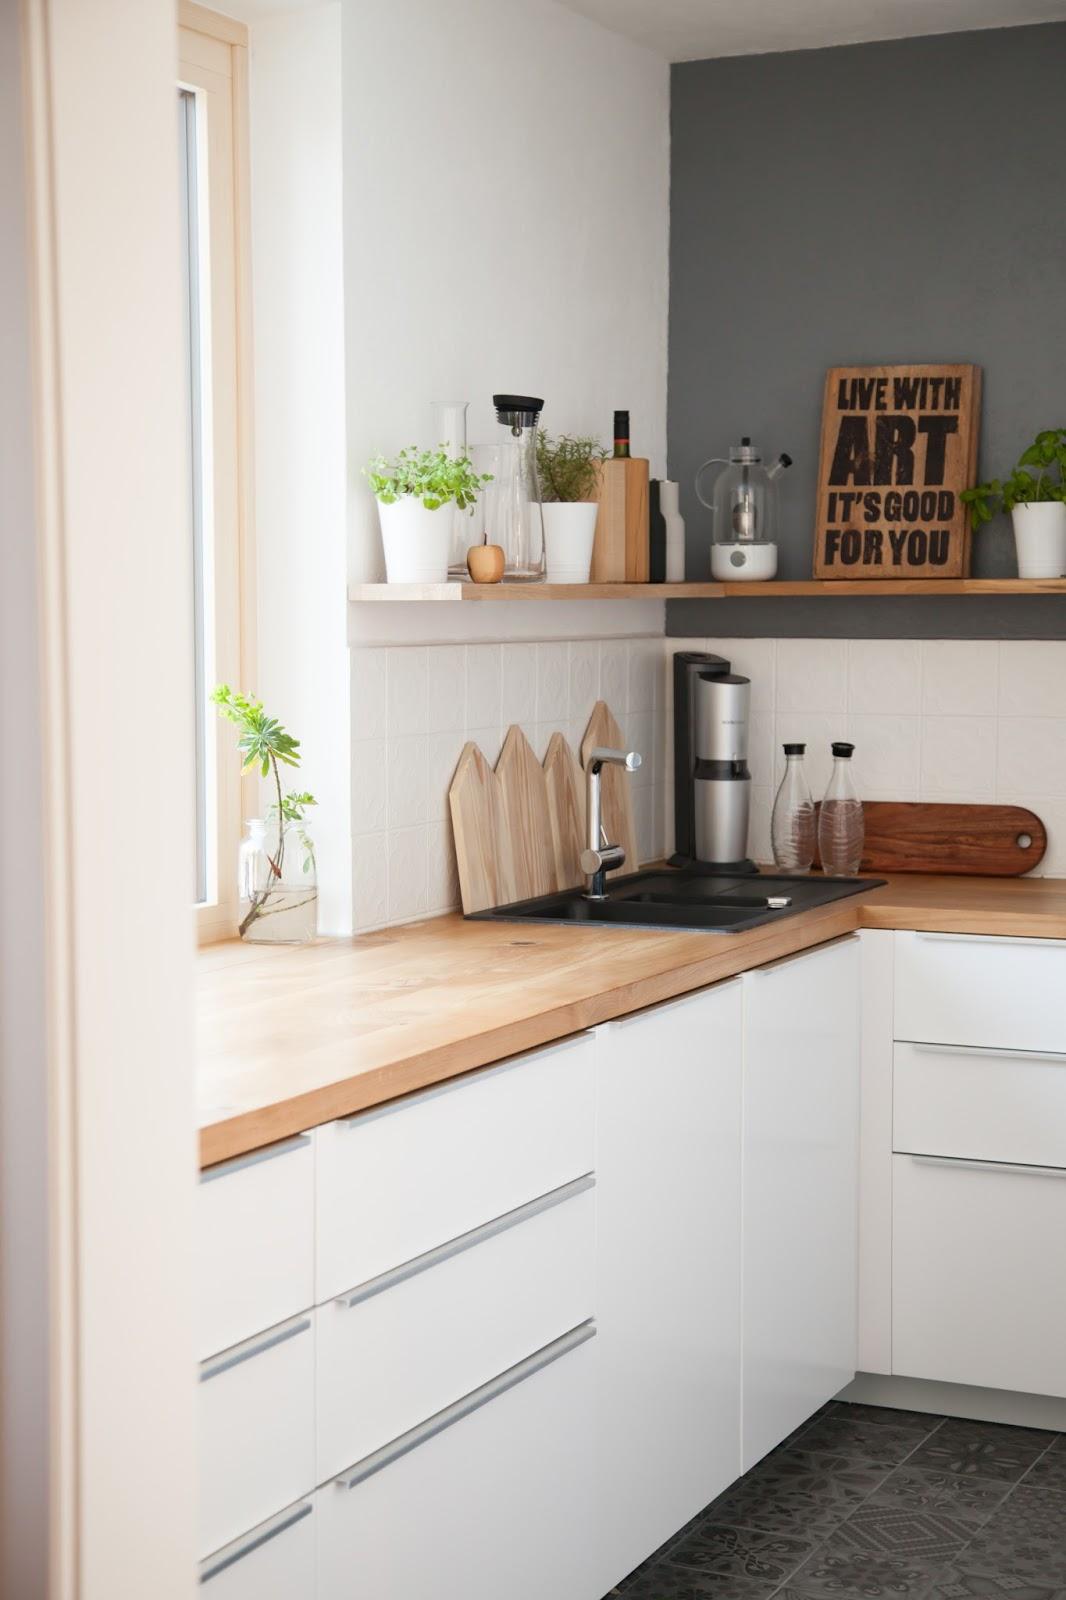 Full Size of Ikea Küchenzeile Vorher Nachher Unsere Traum Kche Unter 5000 Euro Wohnprojekt Miniküche Küche Kosten Sofa Mit Schlaffunktion Kaufen Betten 160x200 Wohnzimmer Ikea Küchenzeile